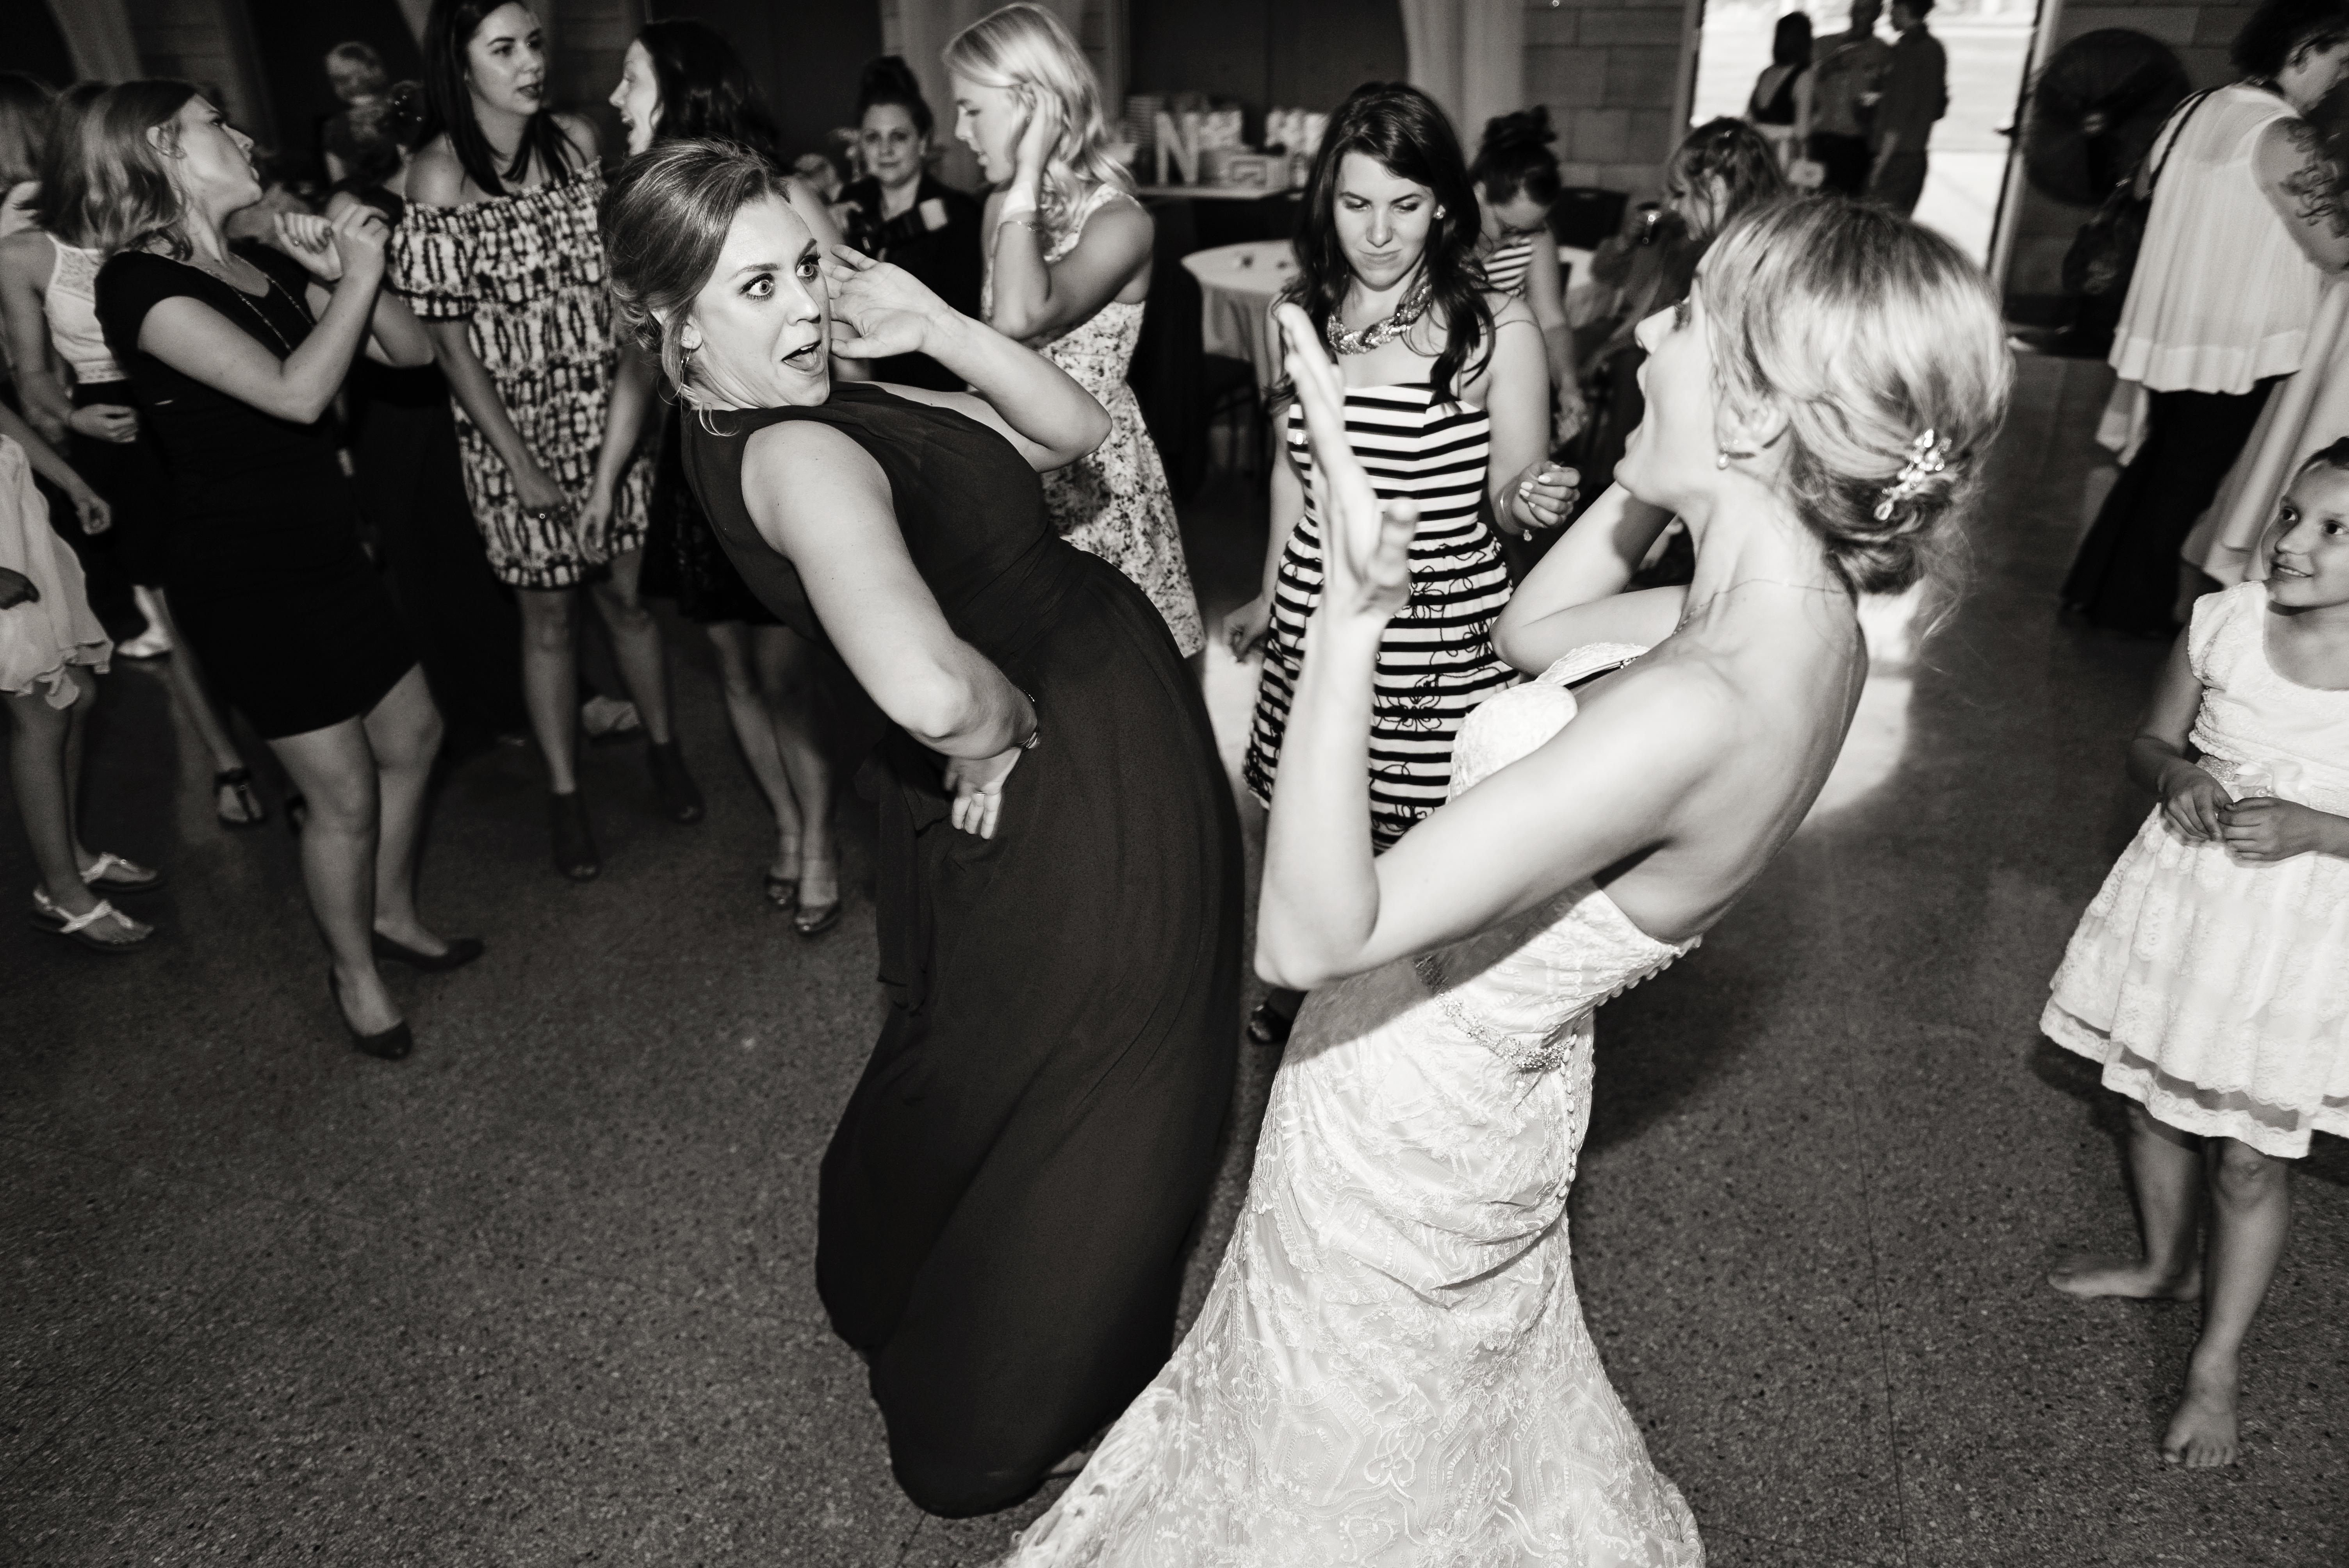 twincities wedding photography east oaks photography wedding photo (35)